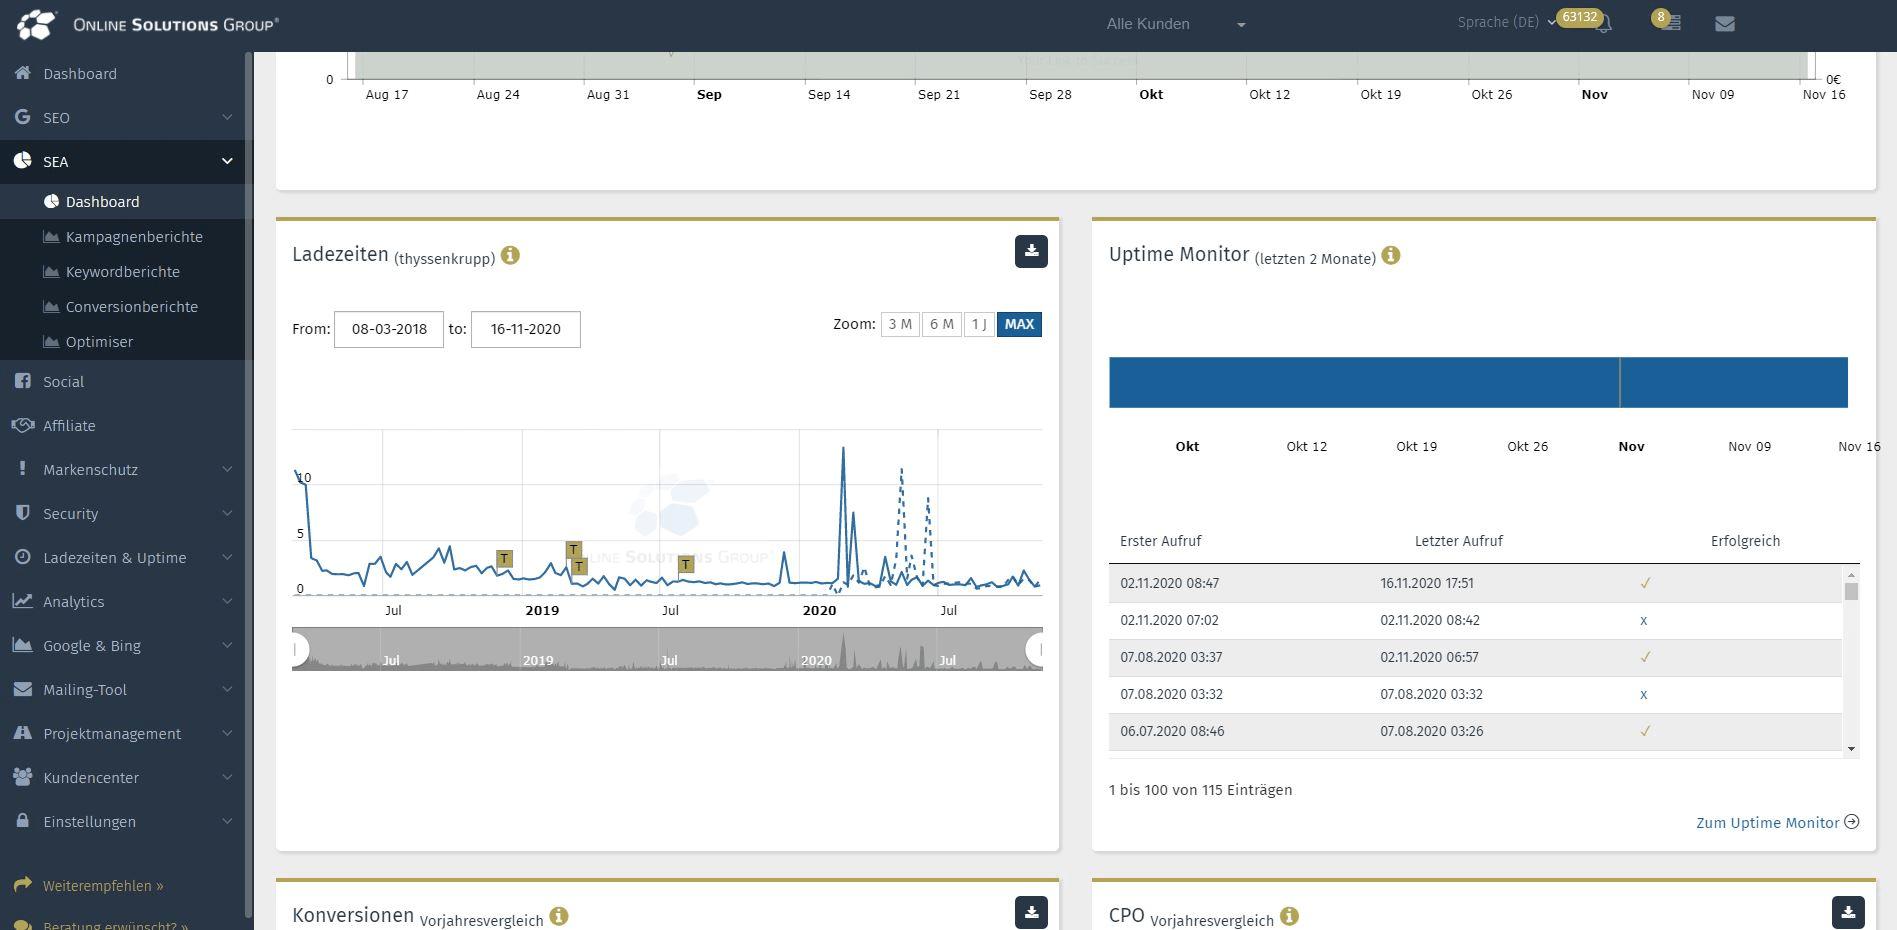 SEA Tool in der Performance Suite: Ladezeiten und Uptime Monitor